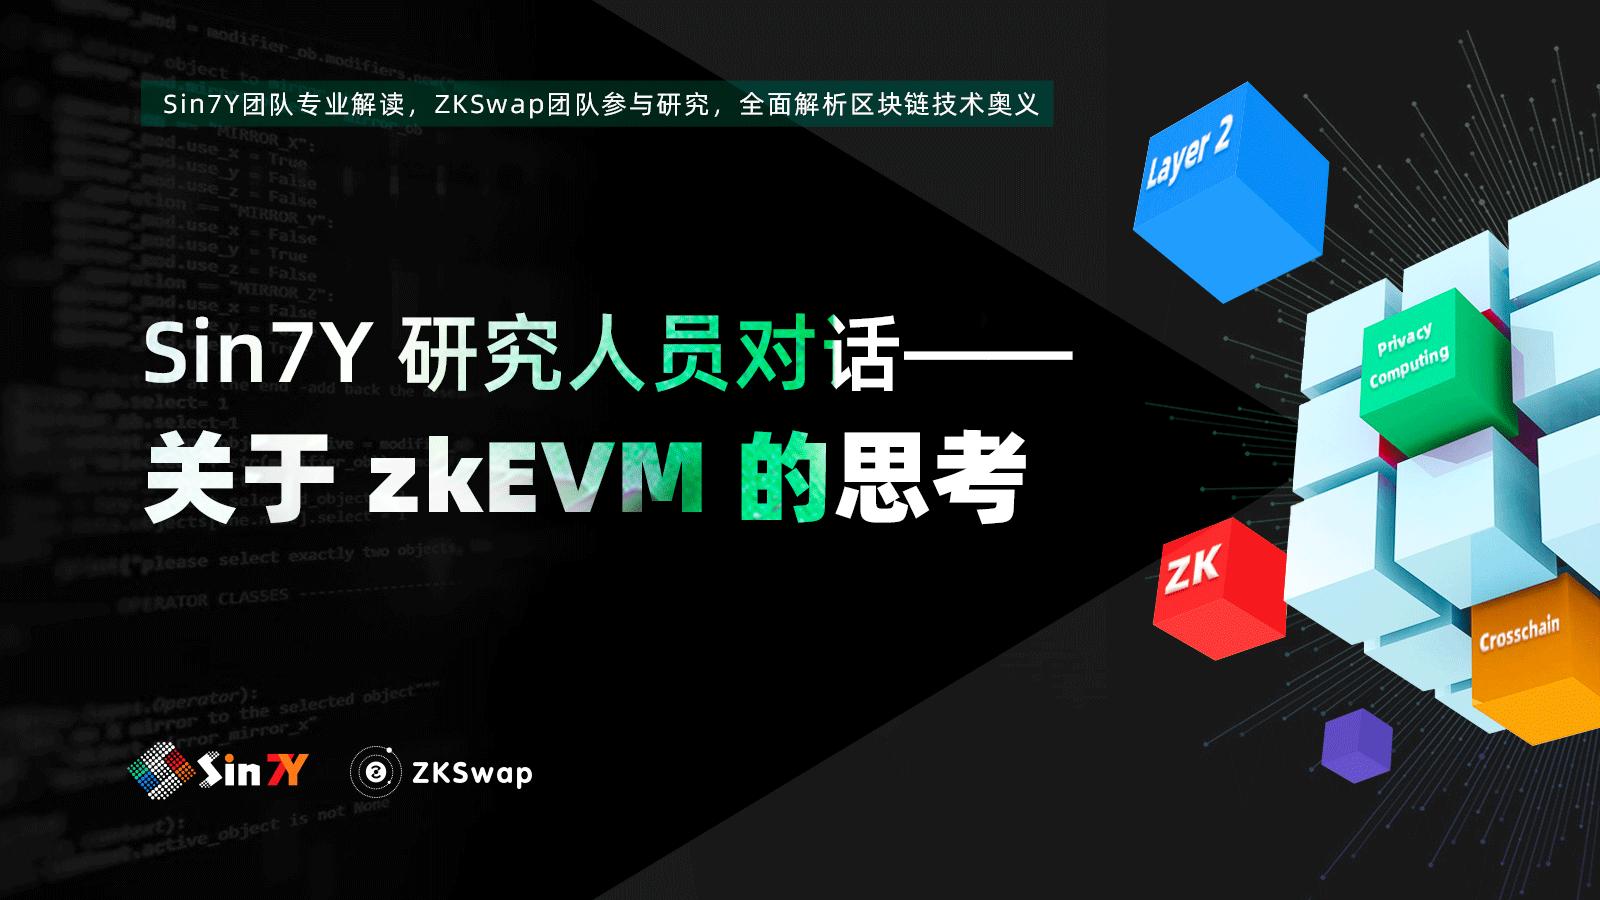 Sin7Y 研究人员对话——关于 zkEVM 的思考